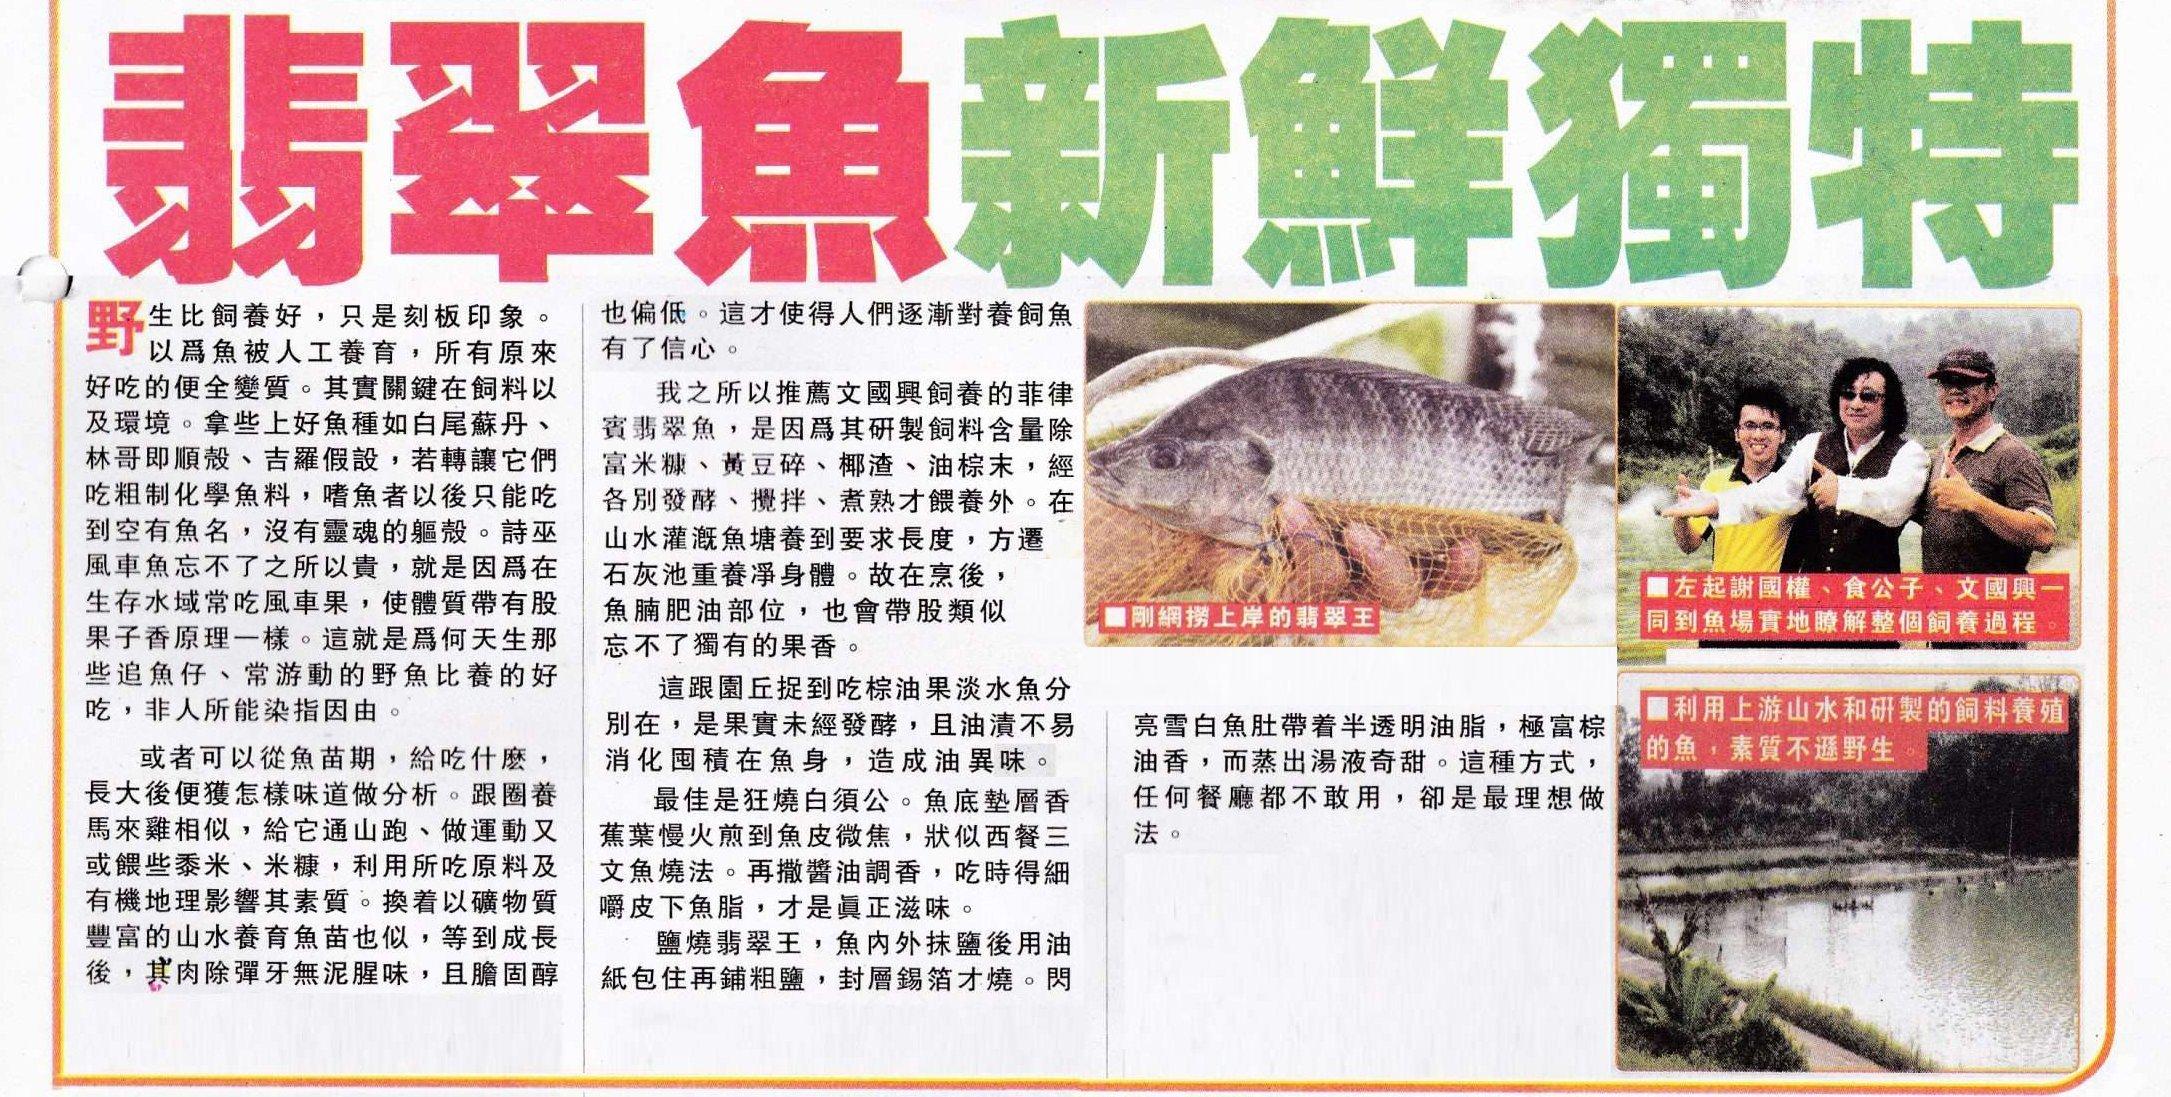 大马食神-鱼色生香